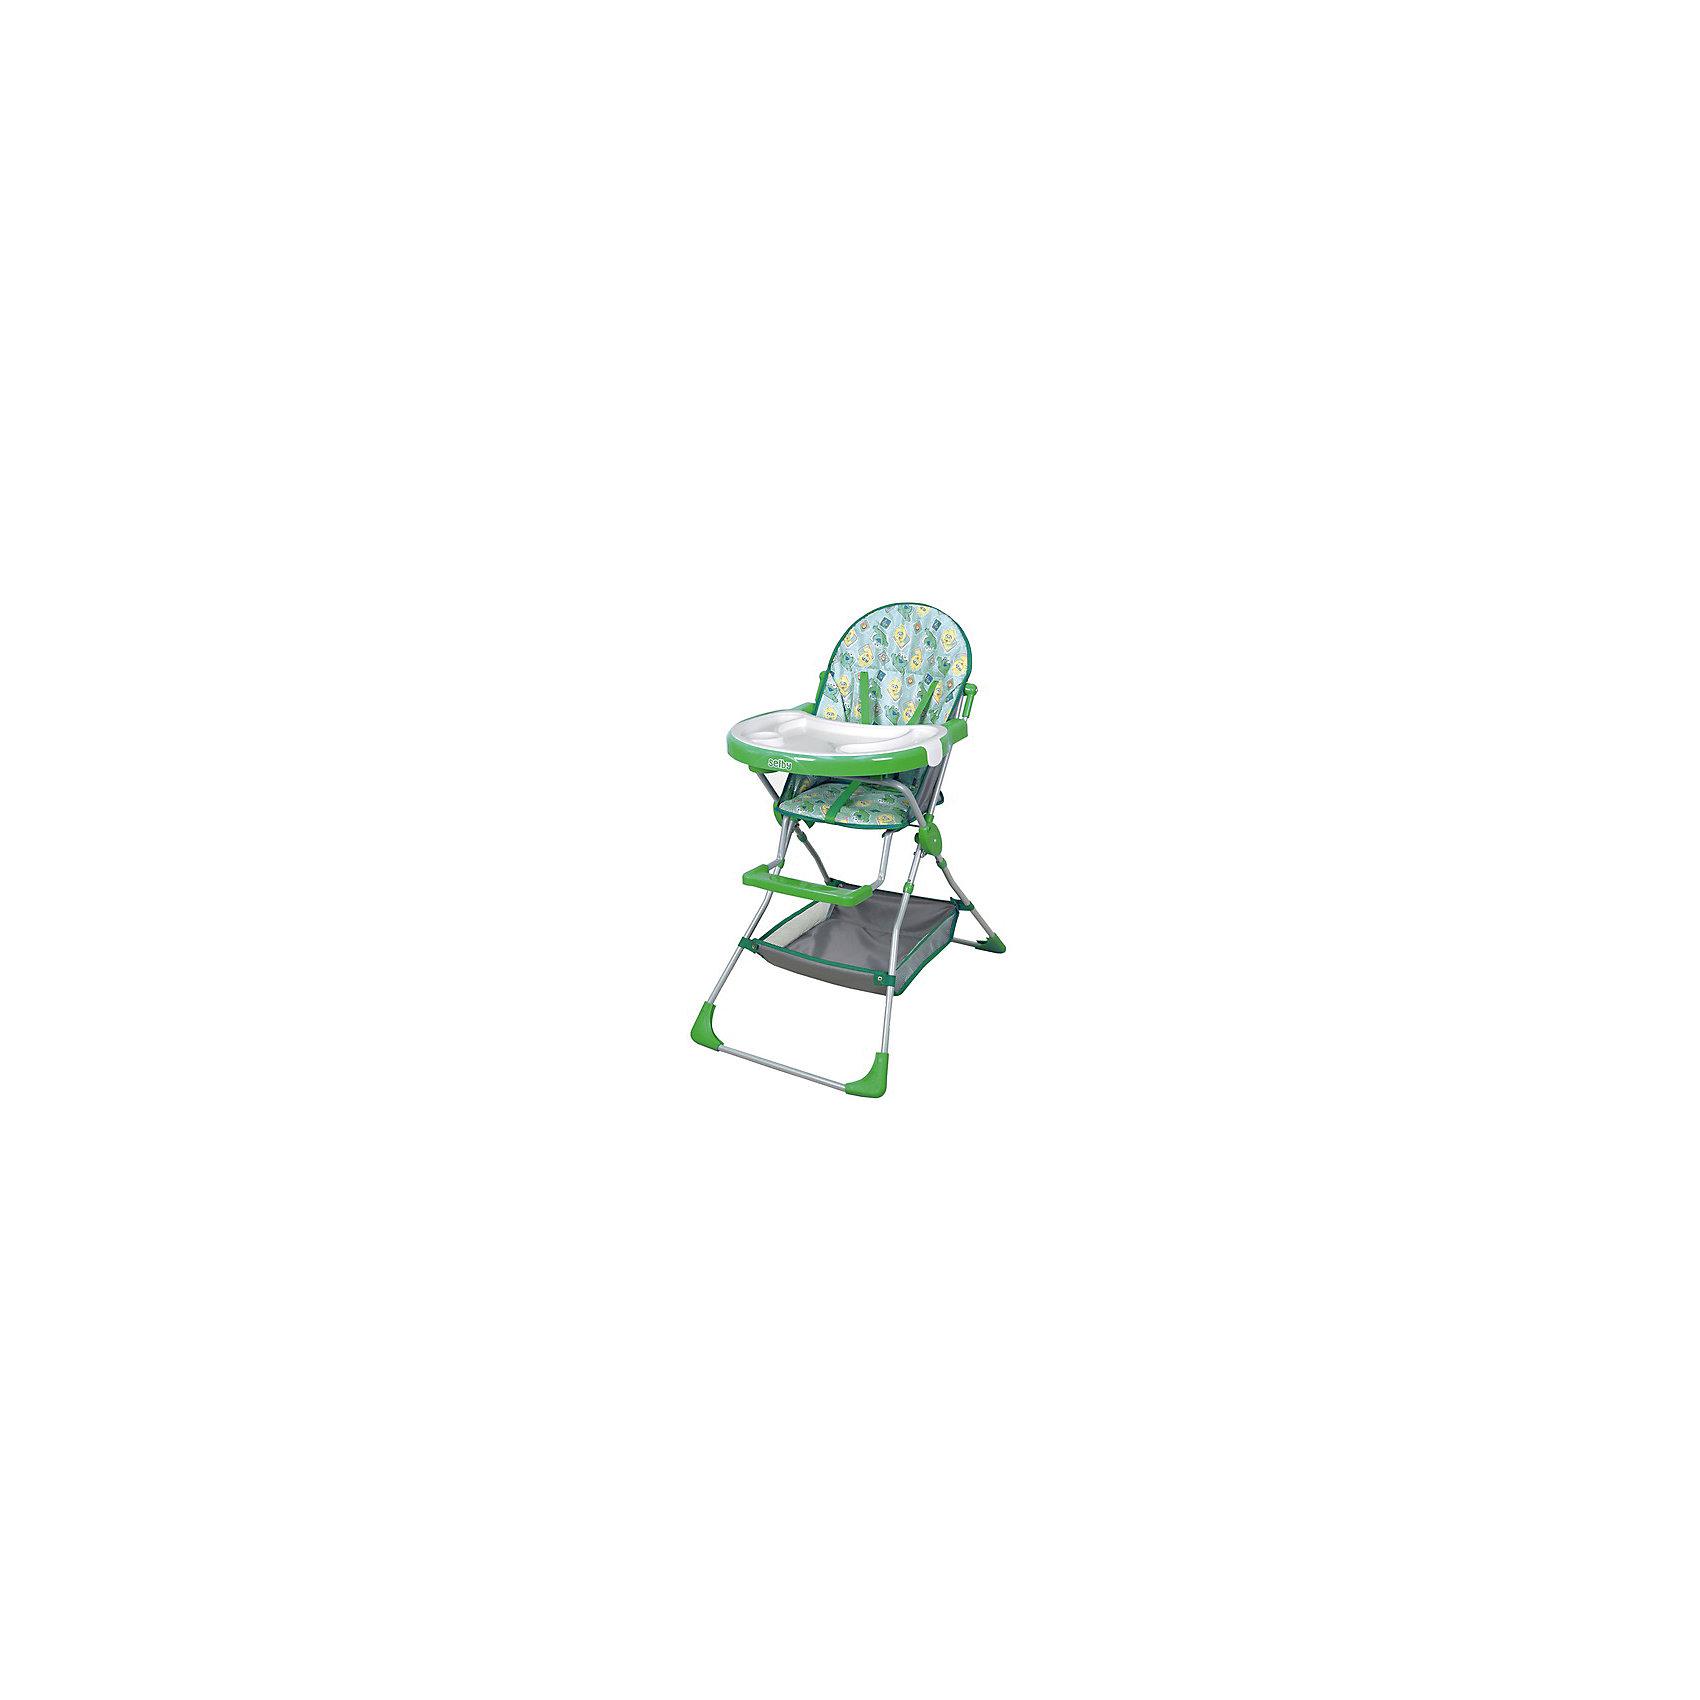 Selby Стульчик для кормления 252 Selby, зеленый smoby стульчик сидение для ванной cotoons цвет розовый